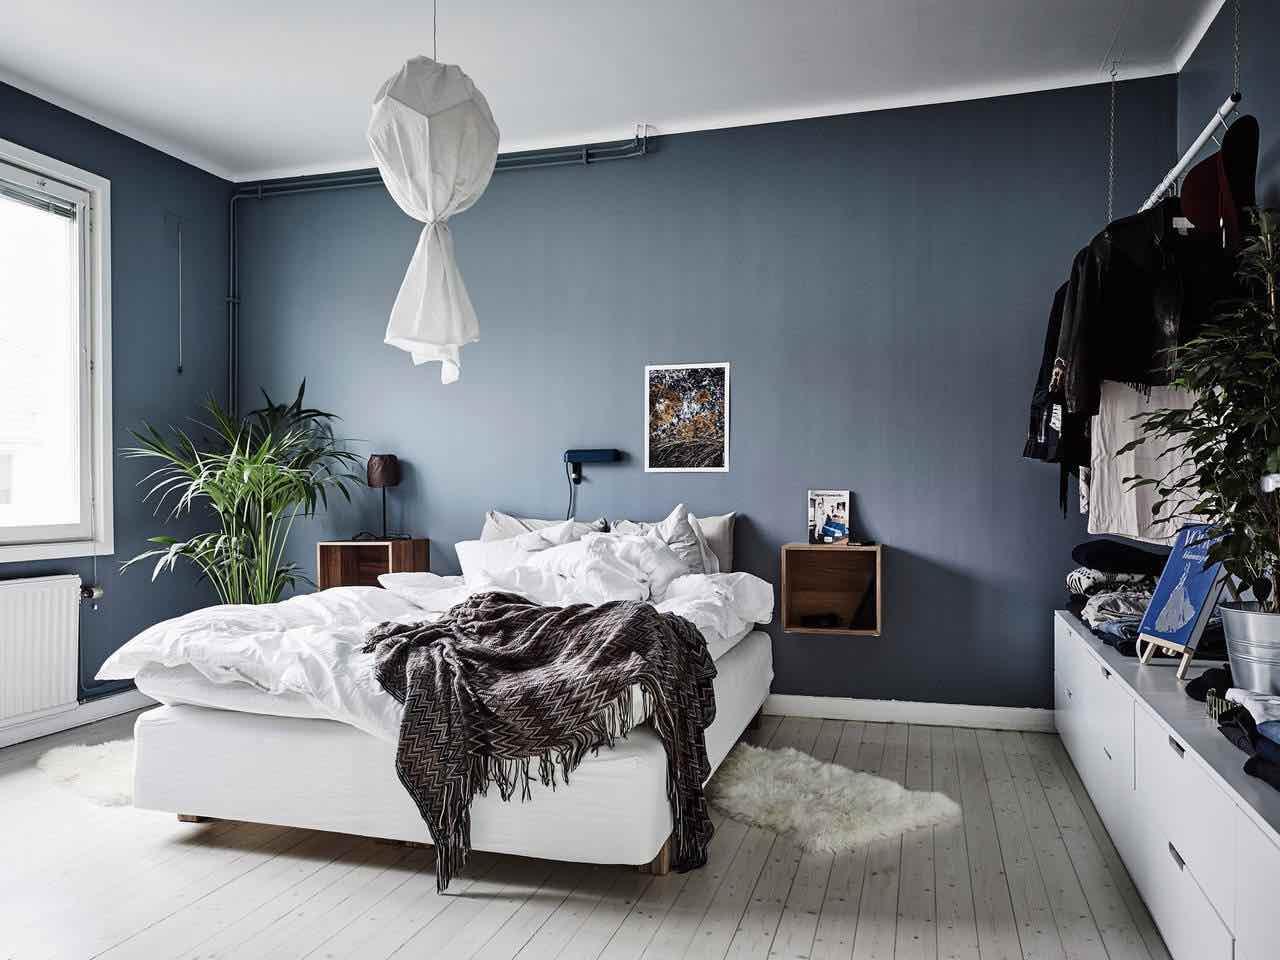 einrichtungsideen schlafzimmer gemuetlich blau grau